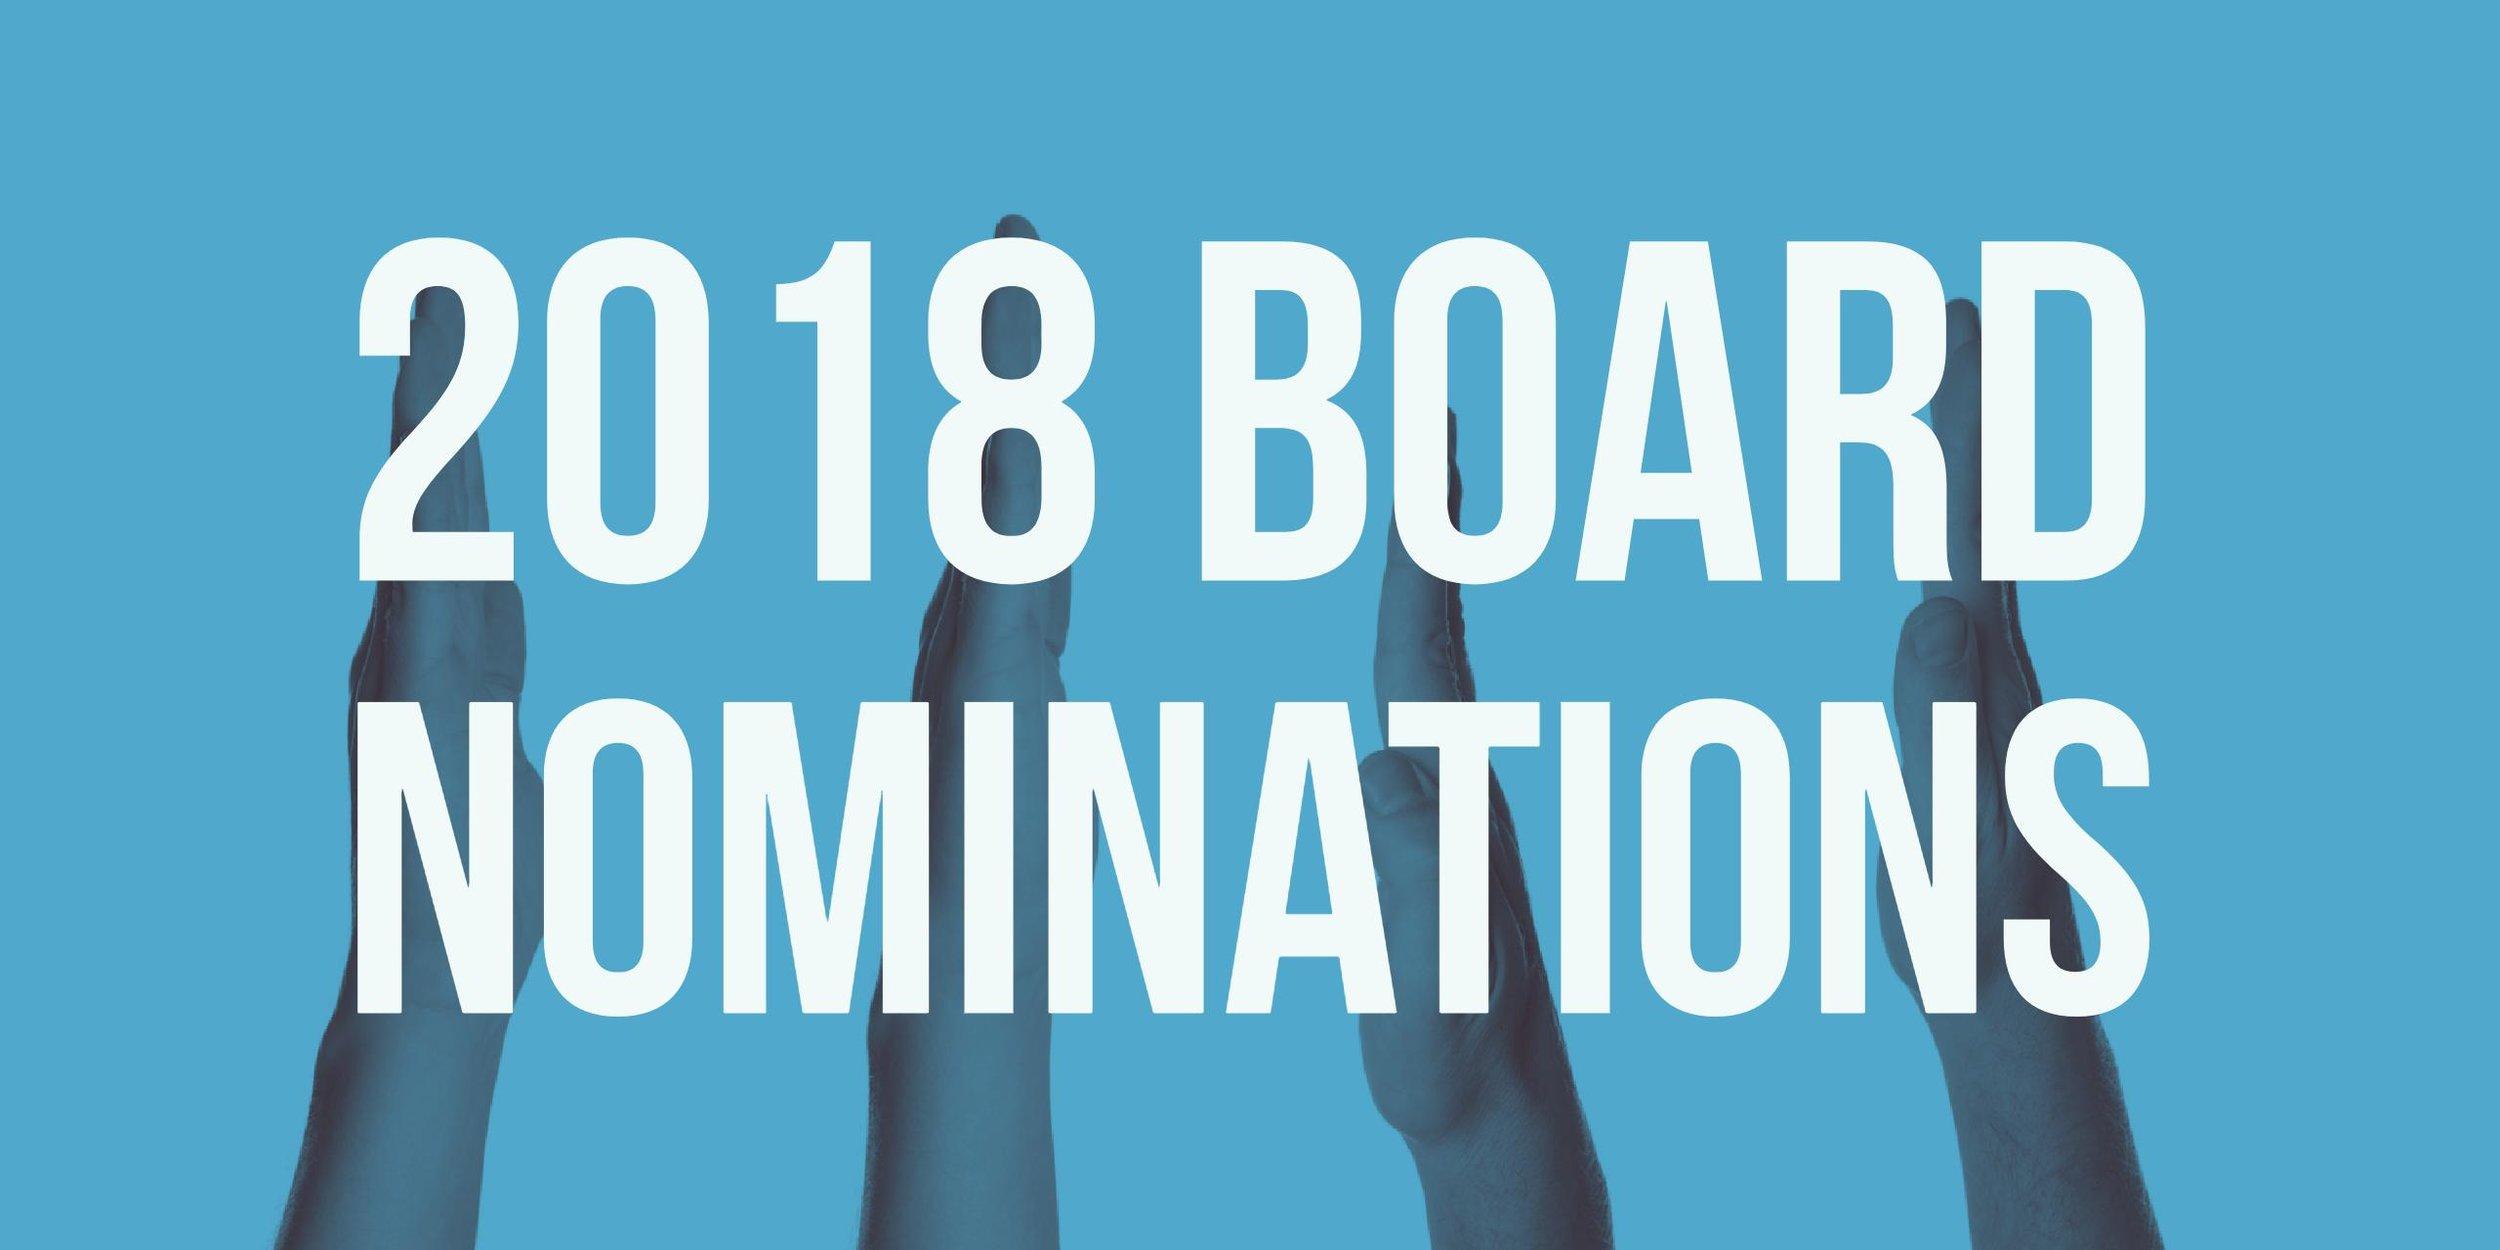 wpdc board nominations democrat